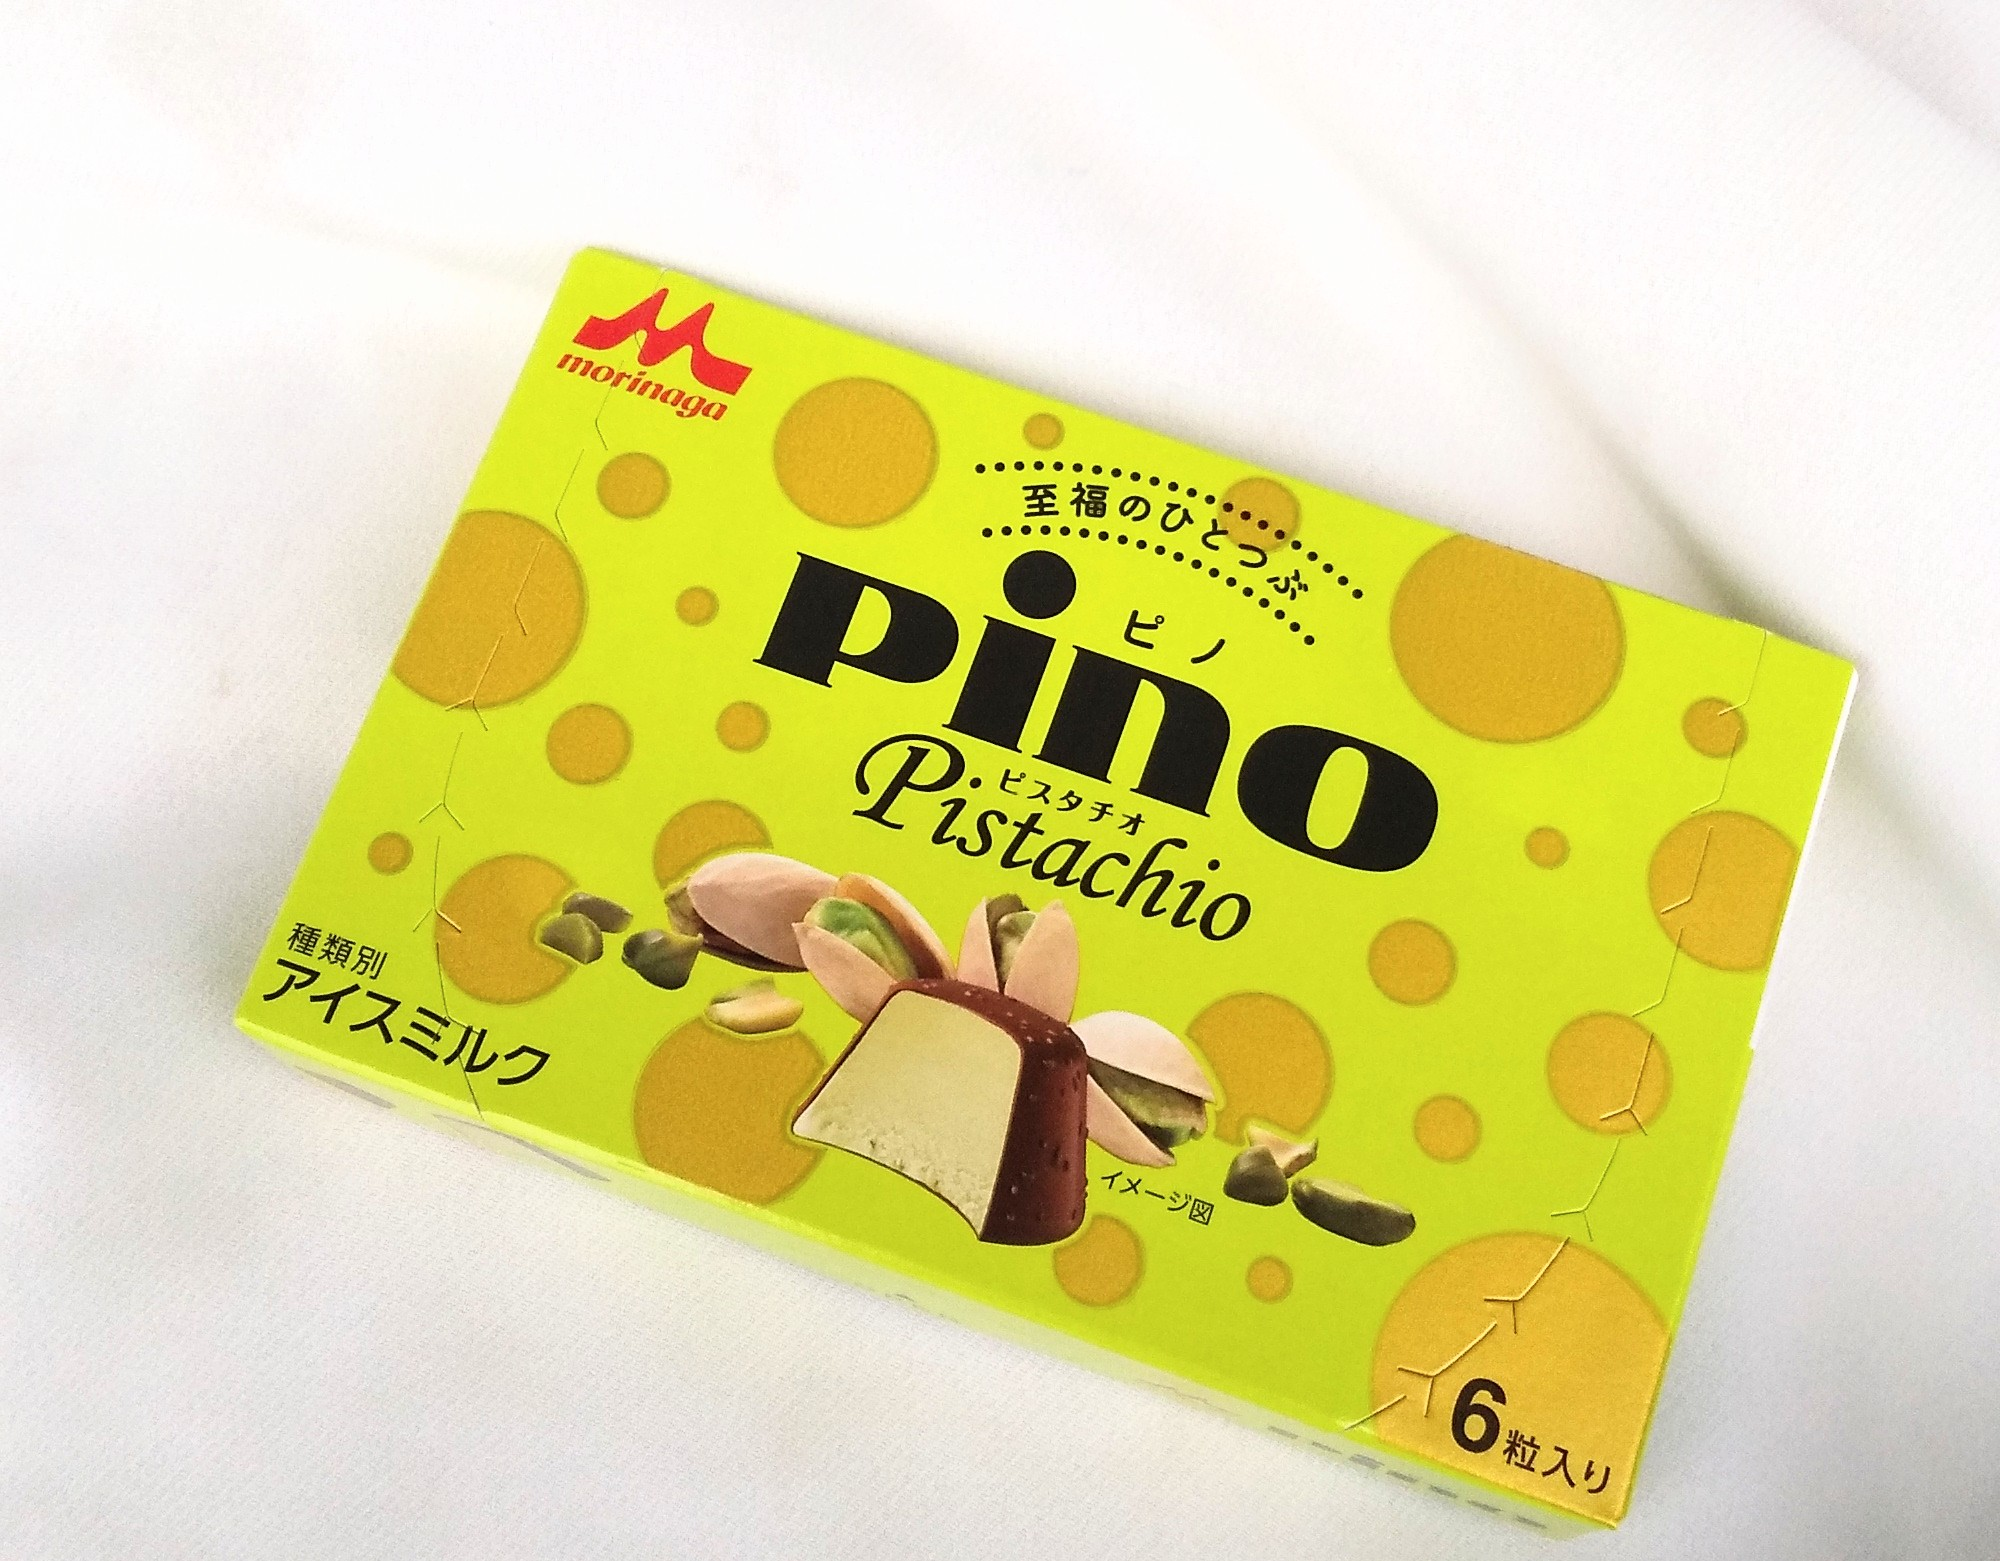 【5/31発売】ピノの新作!ピスタチオ味は間違いない美味しさ!_1